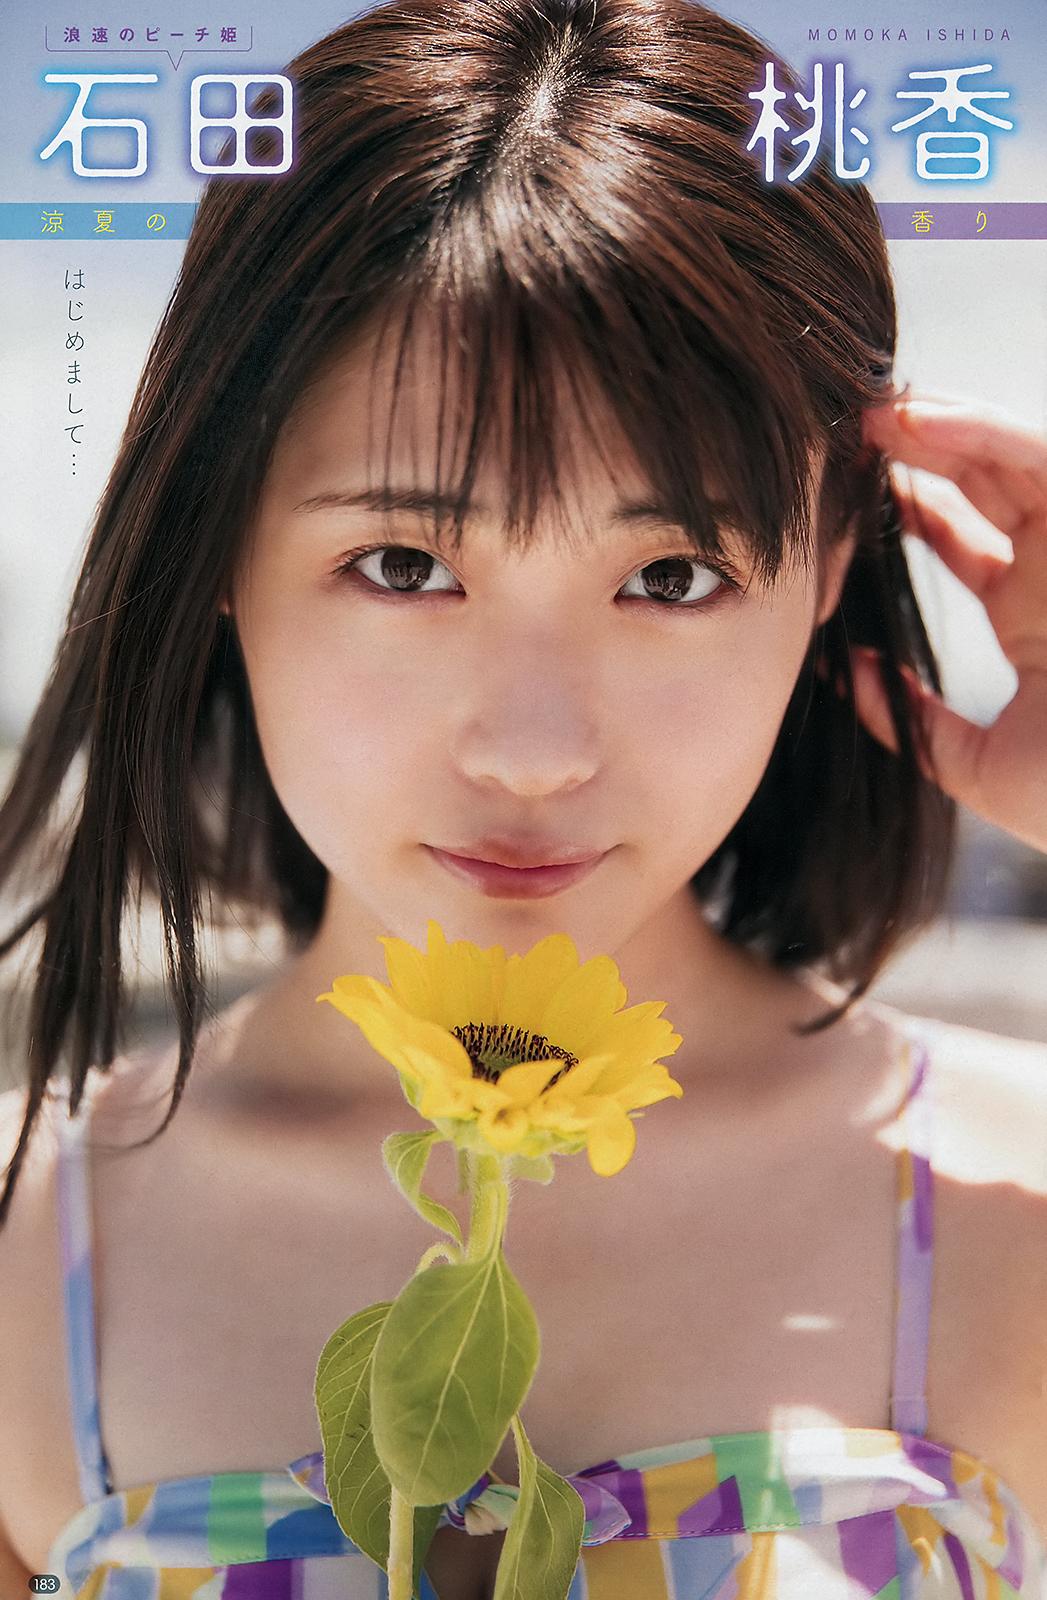 石田桃香の画像 p1_33